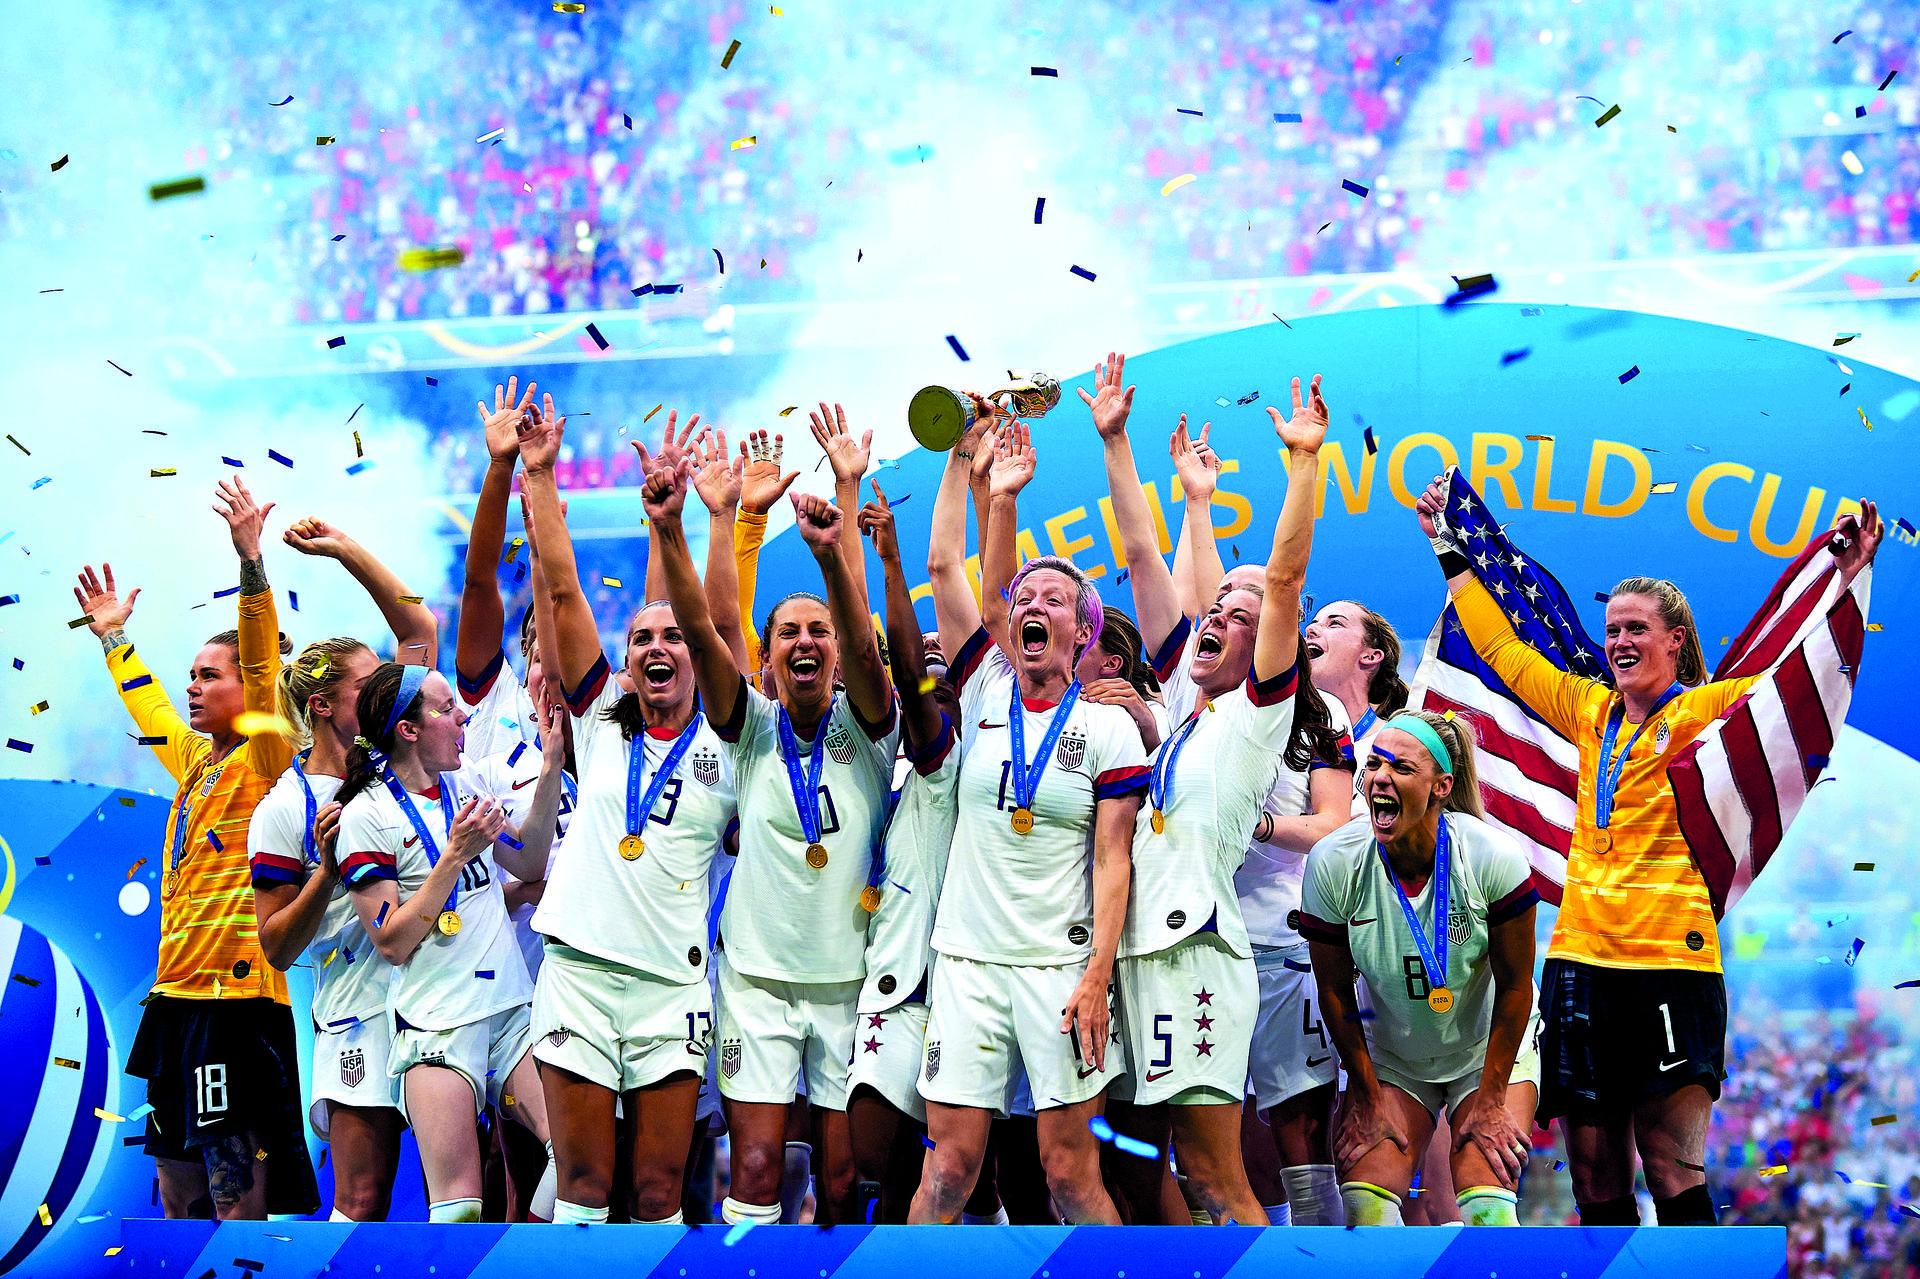 נבחרת ארצות הברית אחרי הזכיה במונדיאל | צילום: ShutterStock